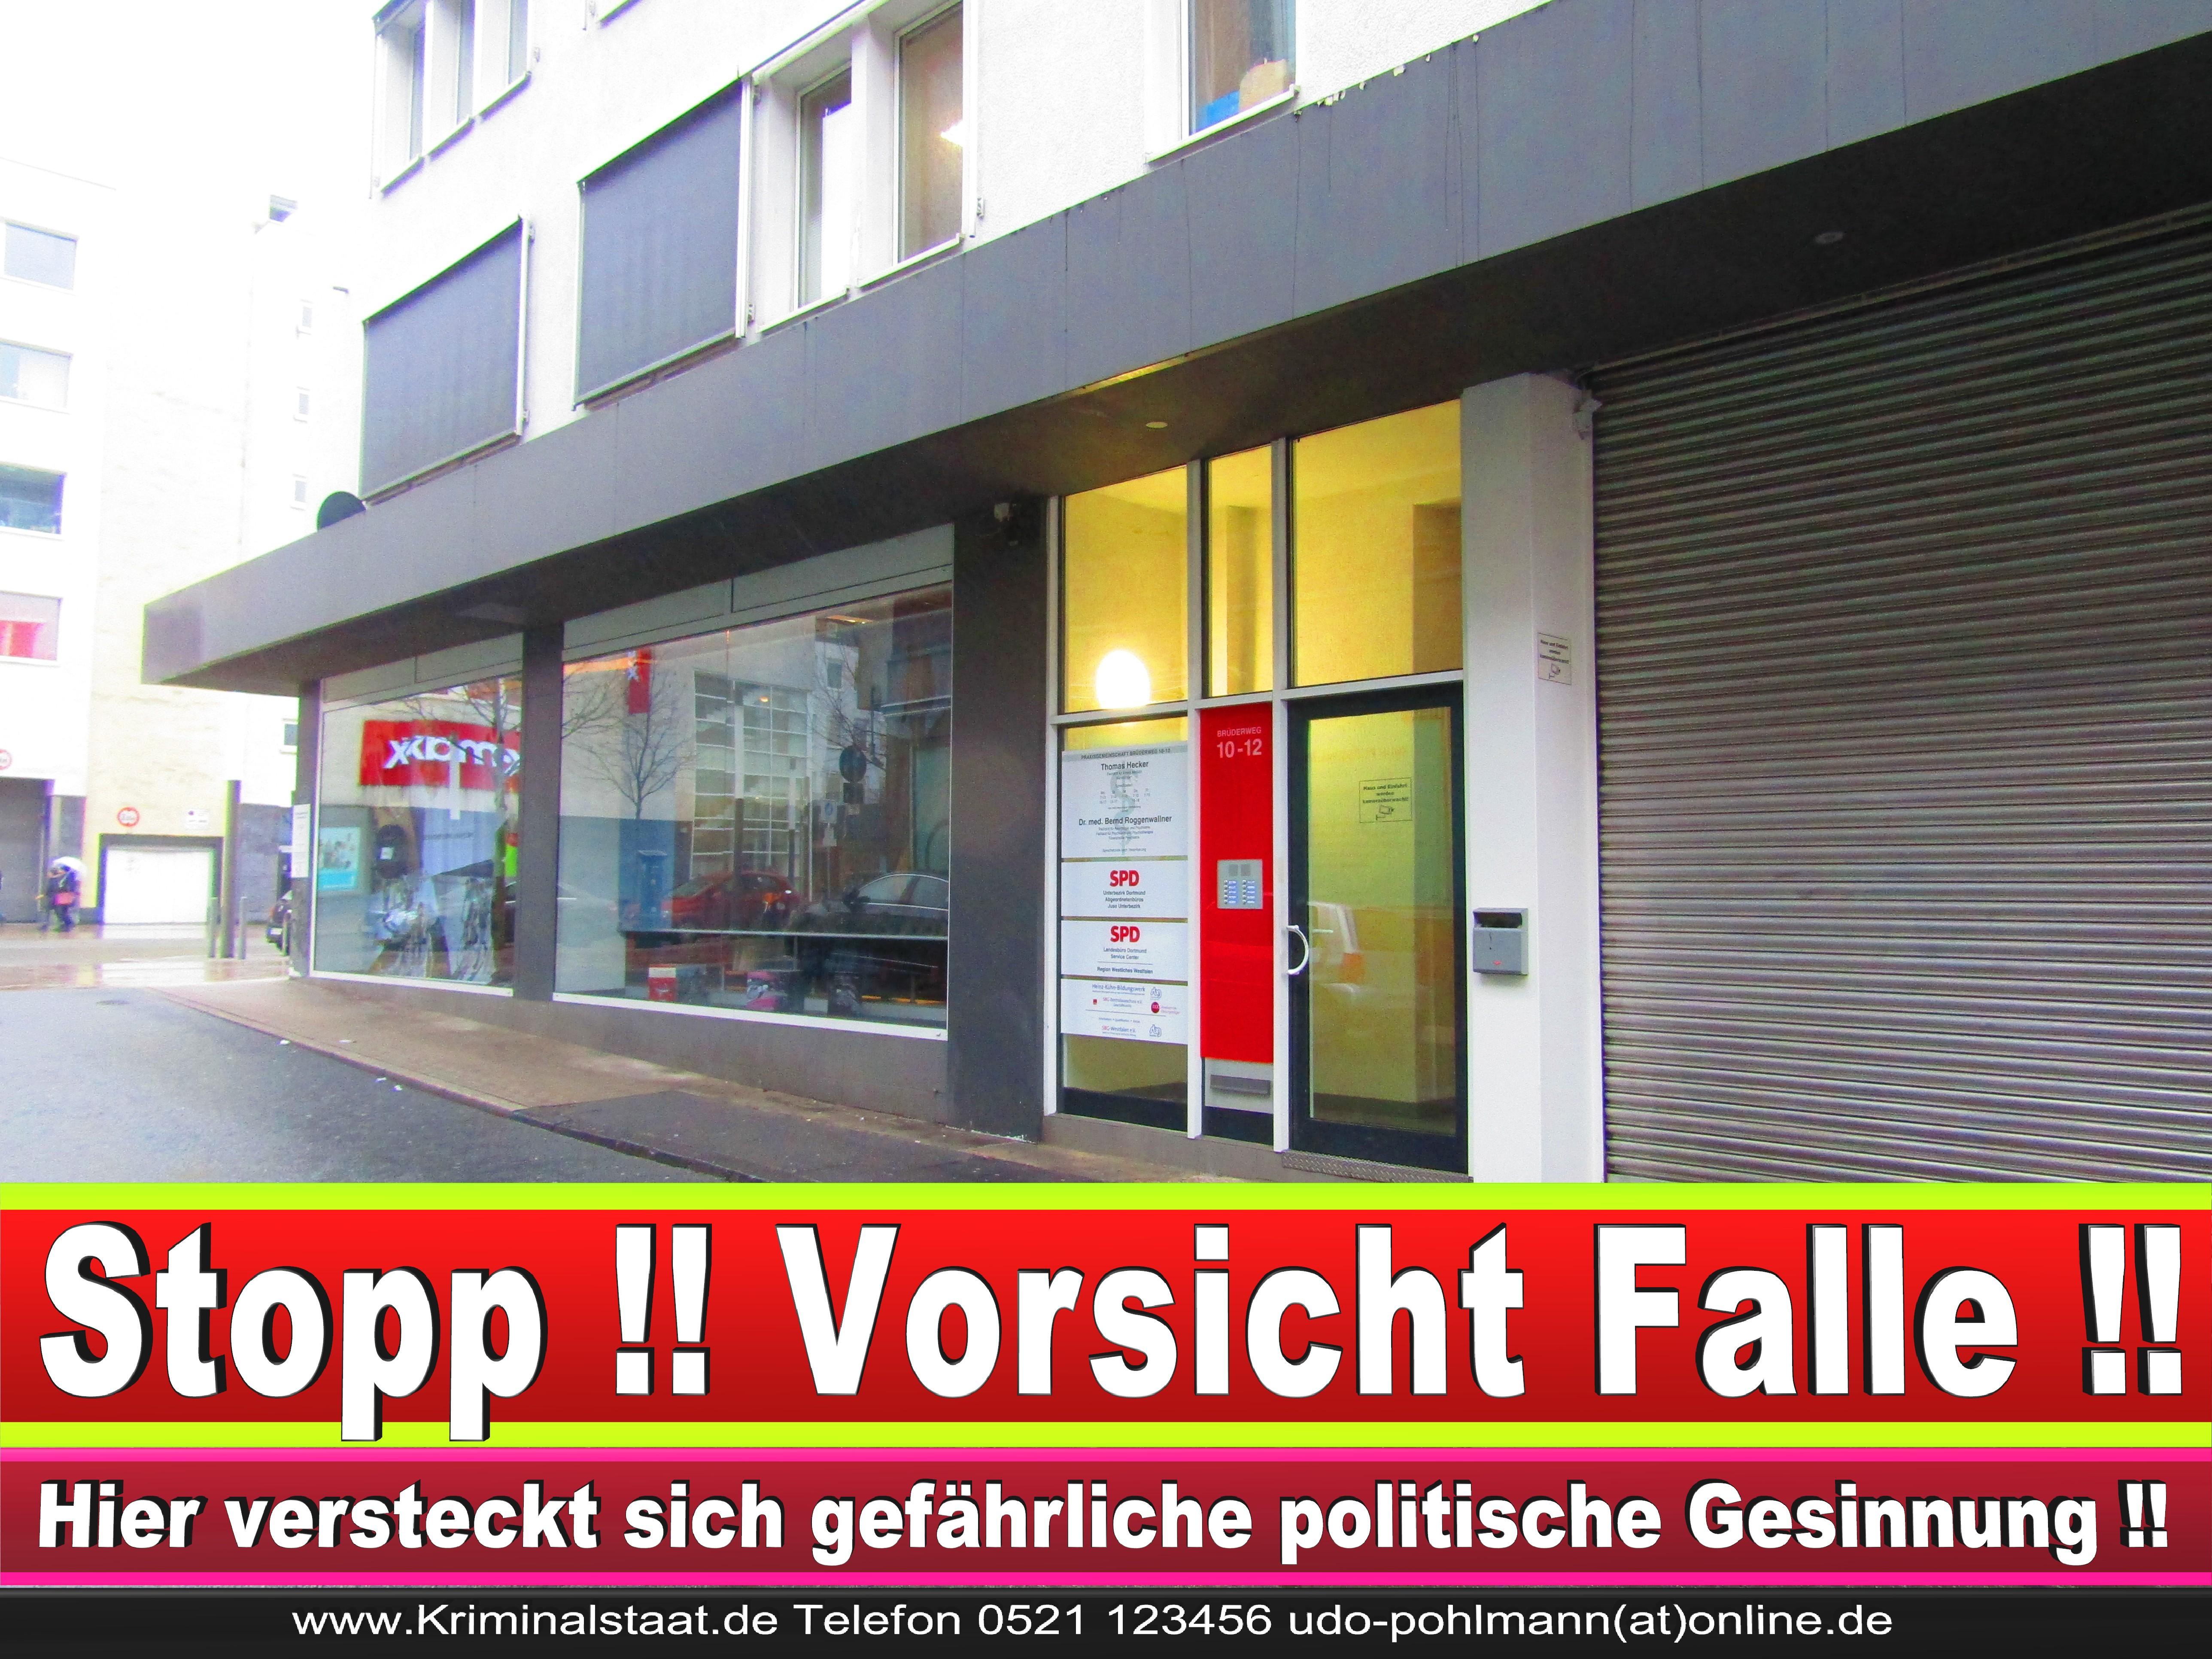 SPD DORTMUND UNTERBEZIRK BüRGERBüRO SPD ORTSVERBAND RAT STADT RATSMITGLIEDER SPD FRAKTION SPD NRW ADRESSE (11) 1